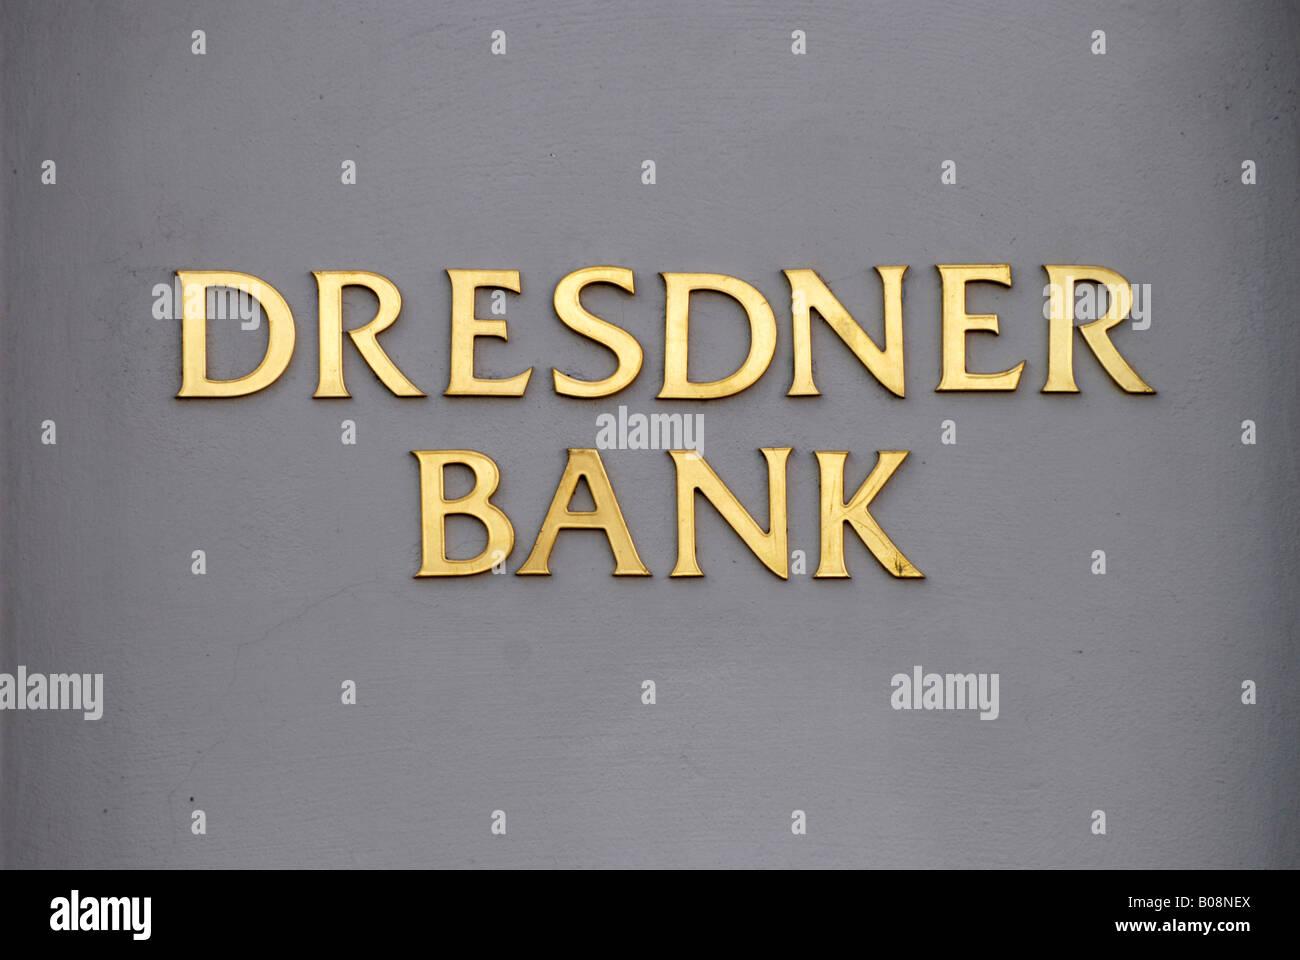 Dresdner Bank, written in golden letters - Stock Image